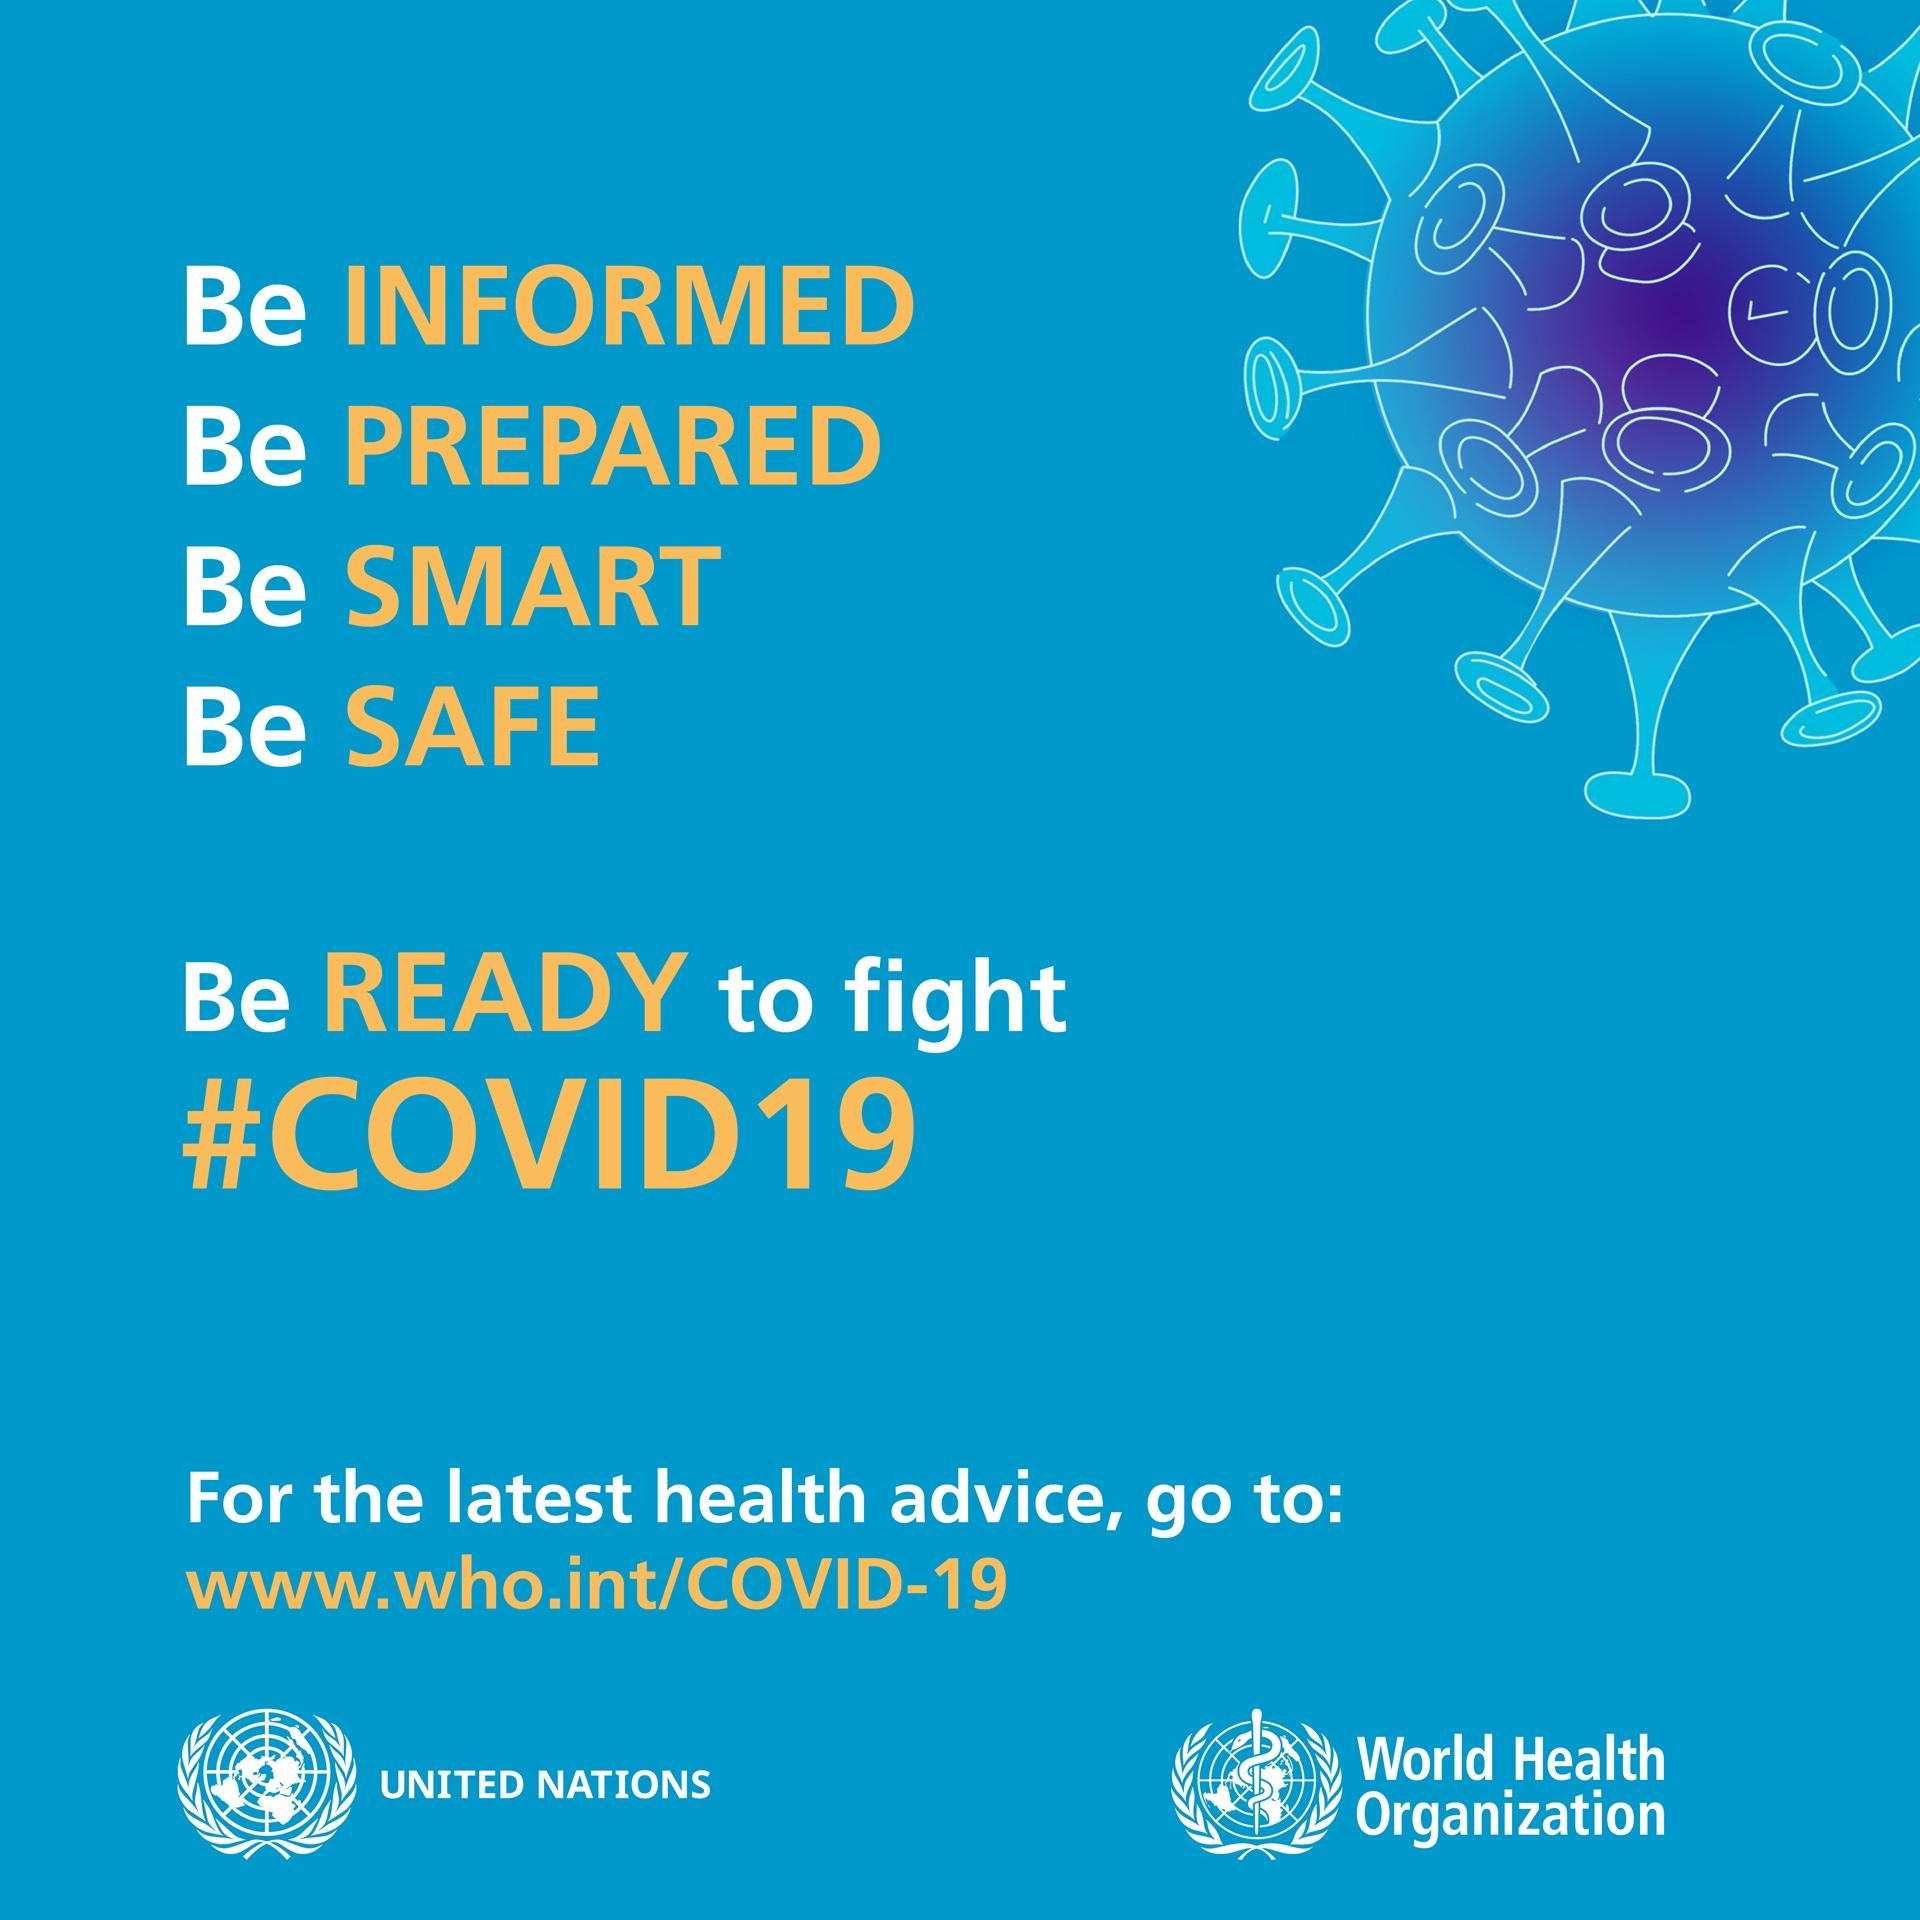 Be Ready Social 1 coronavirus